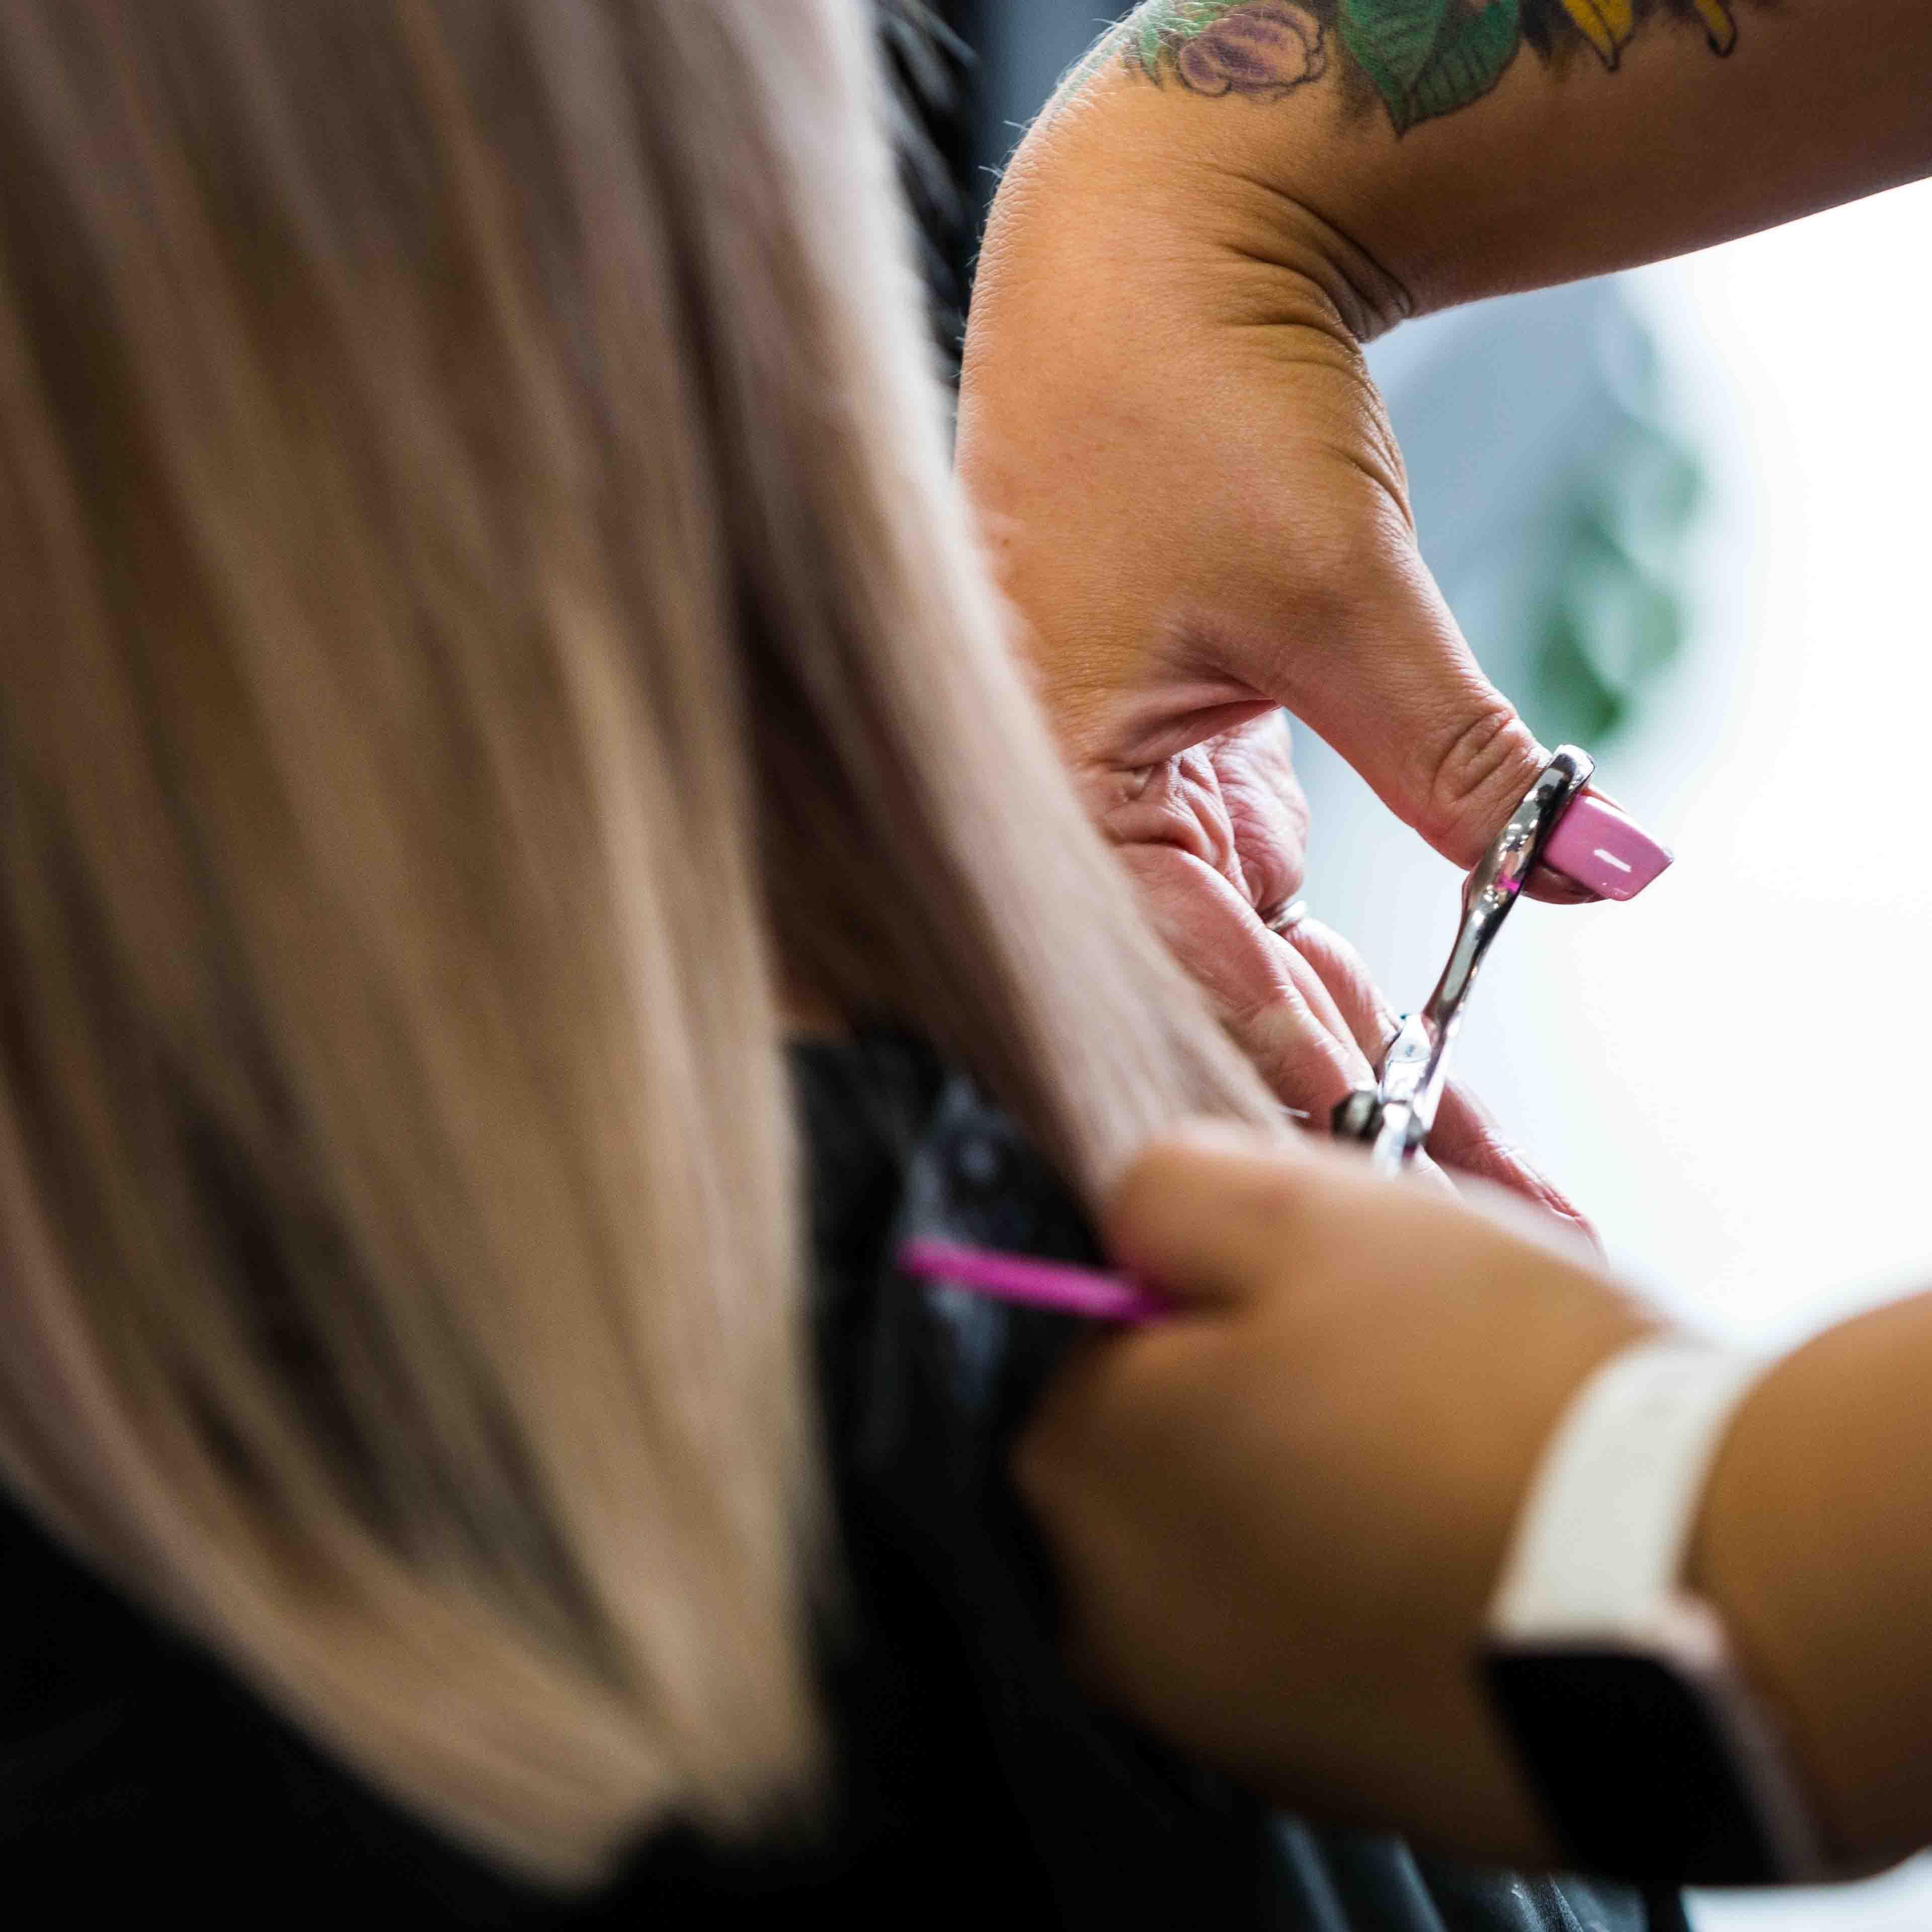 Courtney cutting hair at Sharda Hair Salon Pakenham